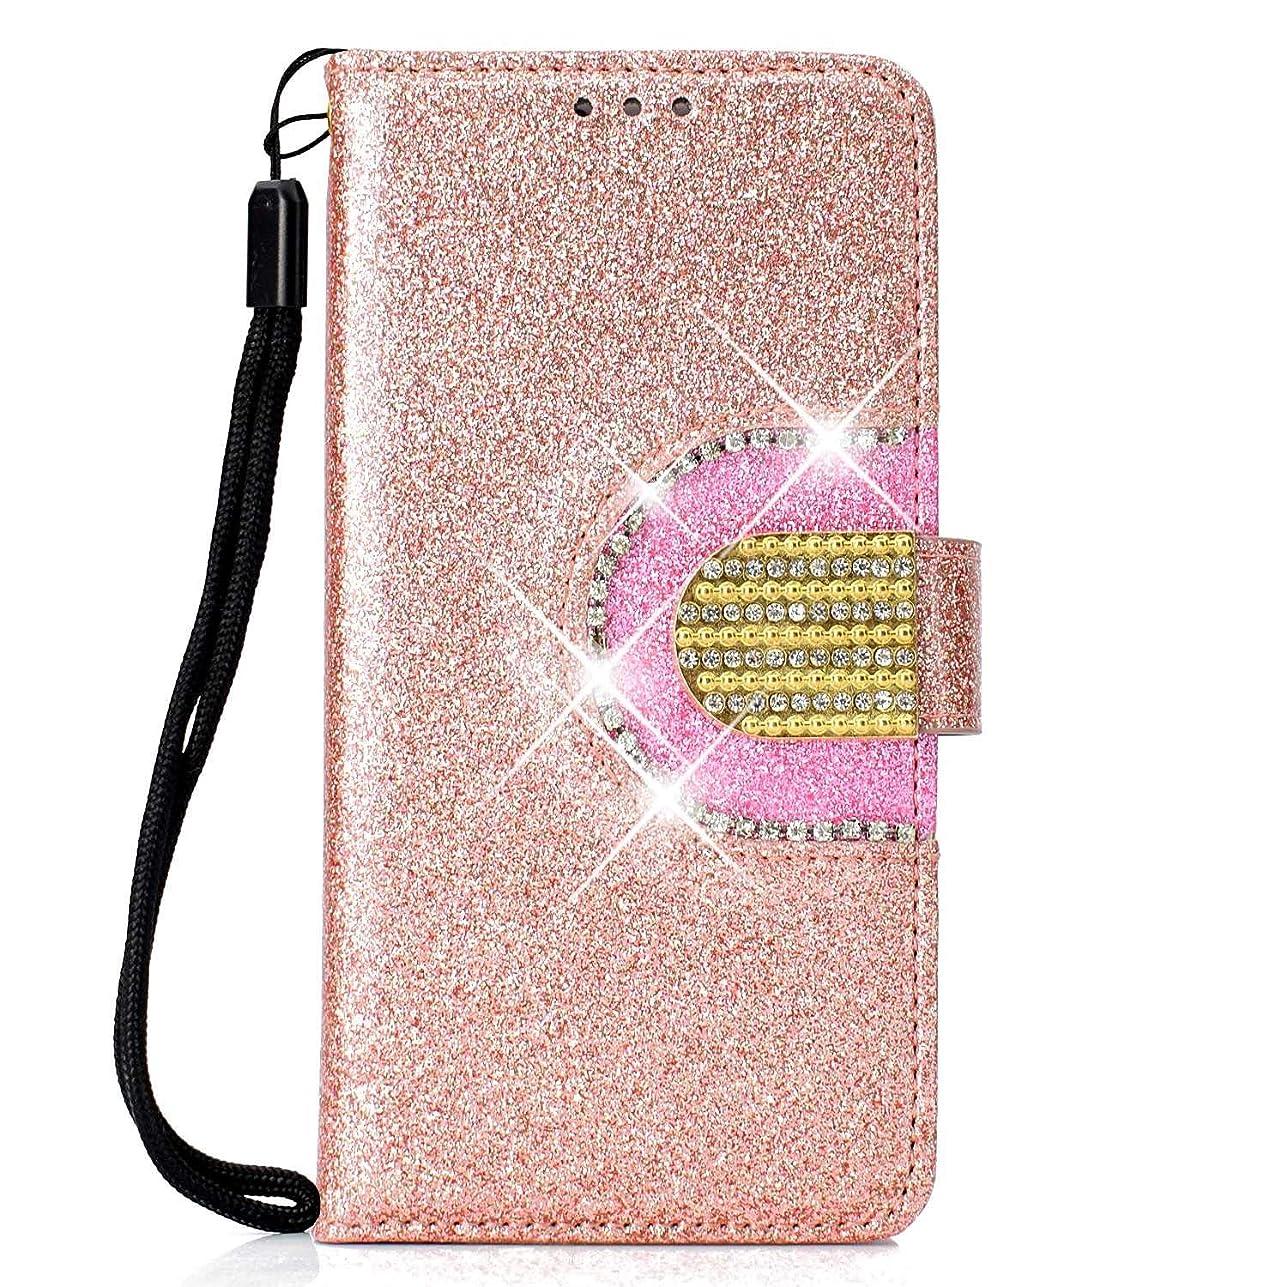 平均前デュアルHuawei Mate 10 Pro ケース Zeebox? 高級PUレザー 薄型 簡約風 人気 手帳型 カバー Huawei Mate 10 Pro 全面保護 スタンド機能 カード収納 耐汚れ 耐衝撃 カバー, ローズゴールド